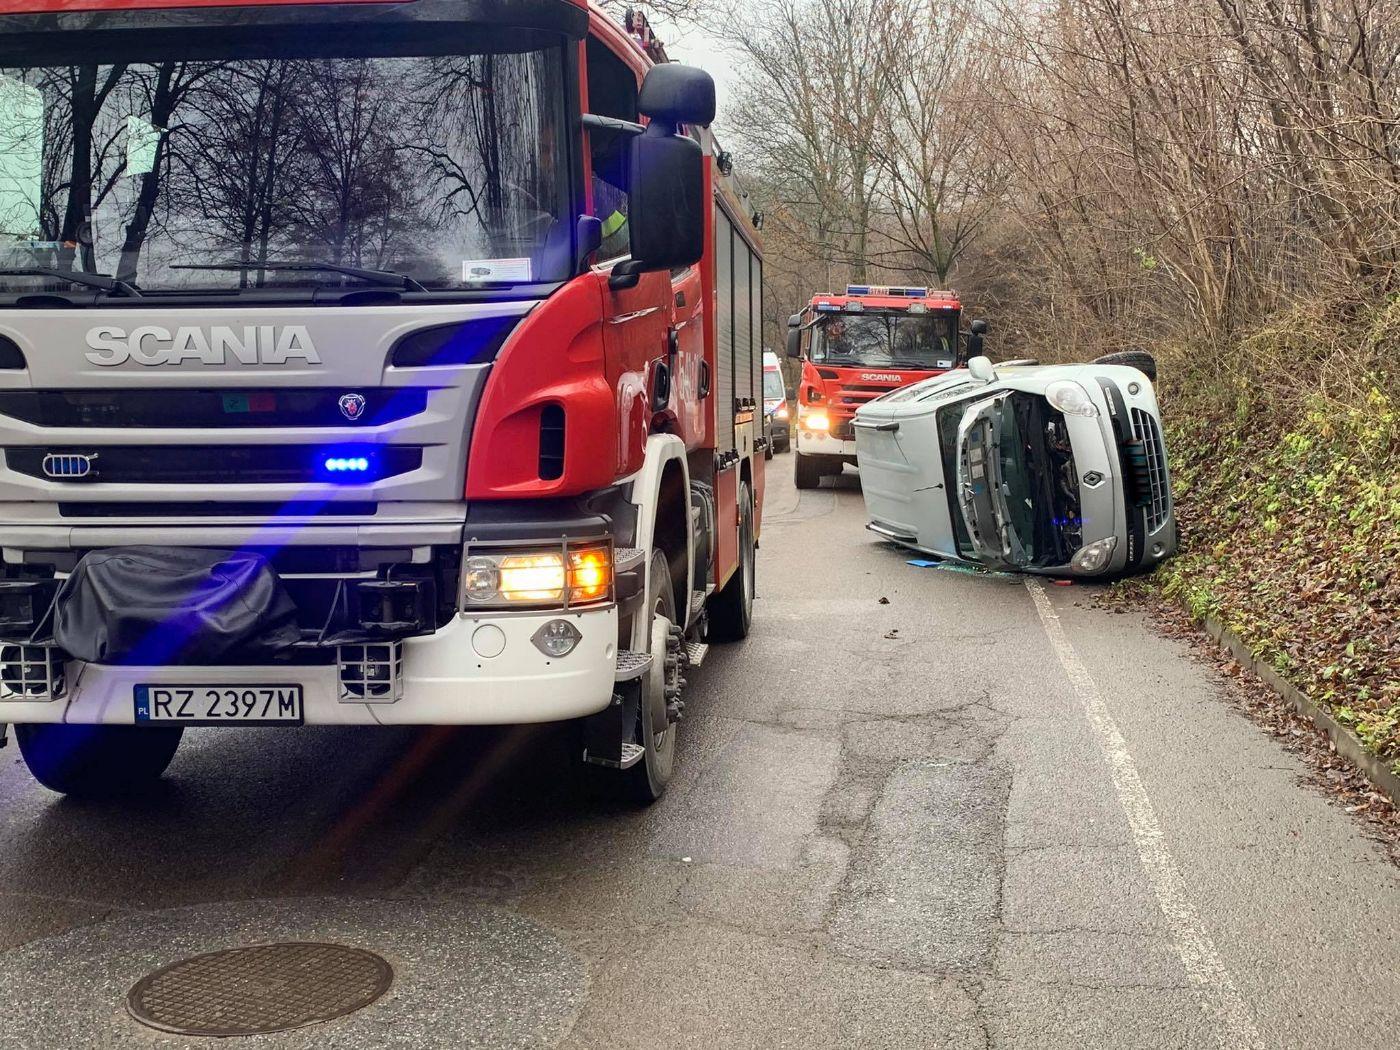 Z OSTATNIEJ CHWILI: Stracił panowanie nad pojazdem i wjechał na skarpę [FOTO] - Zdjęcie główne